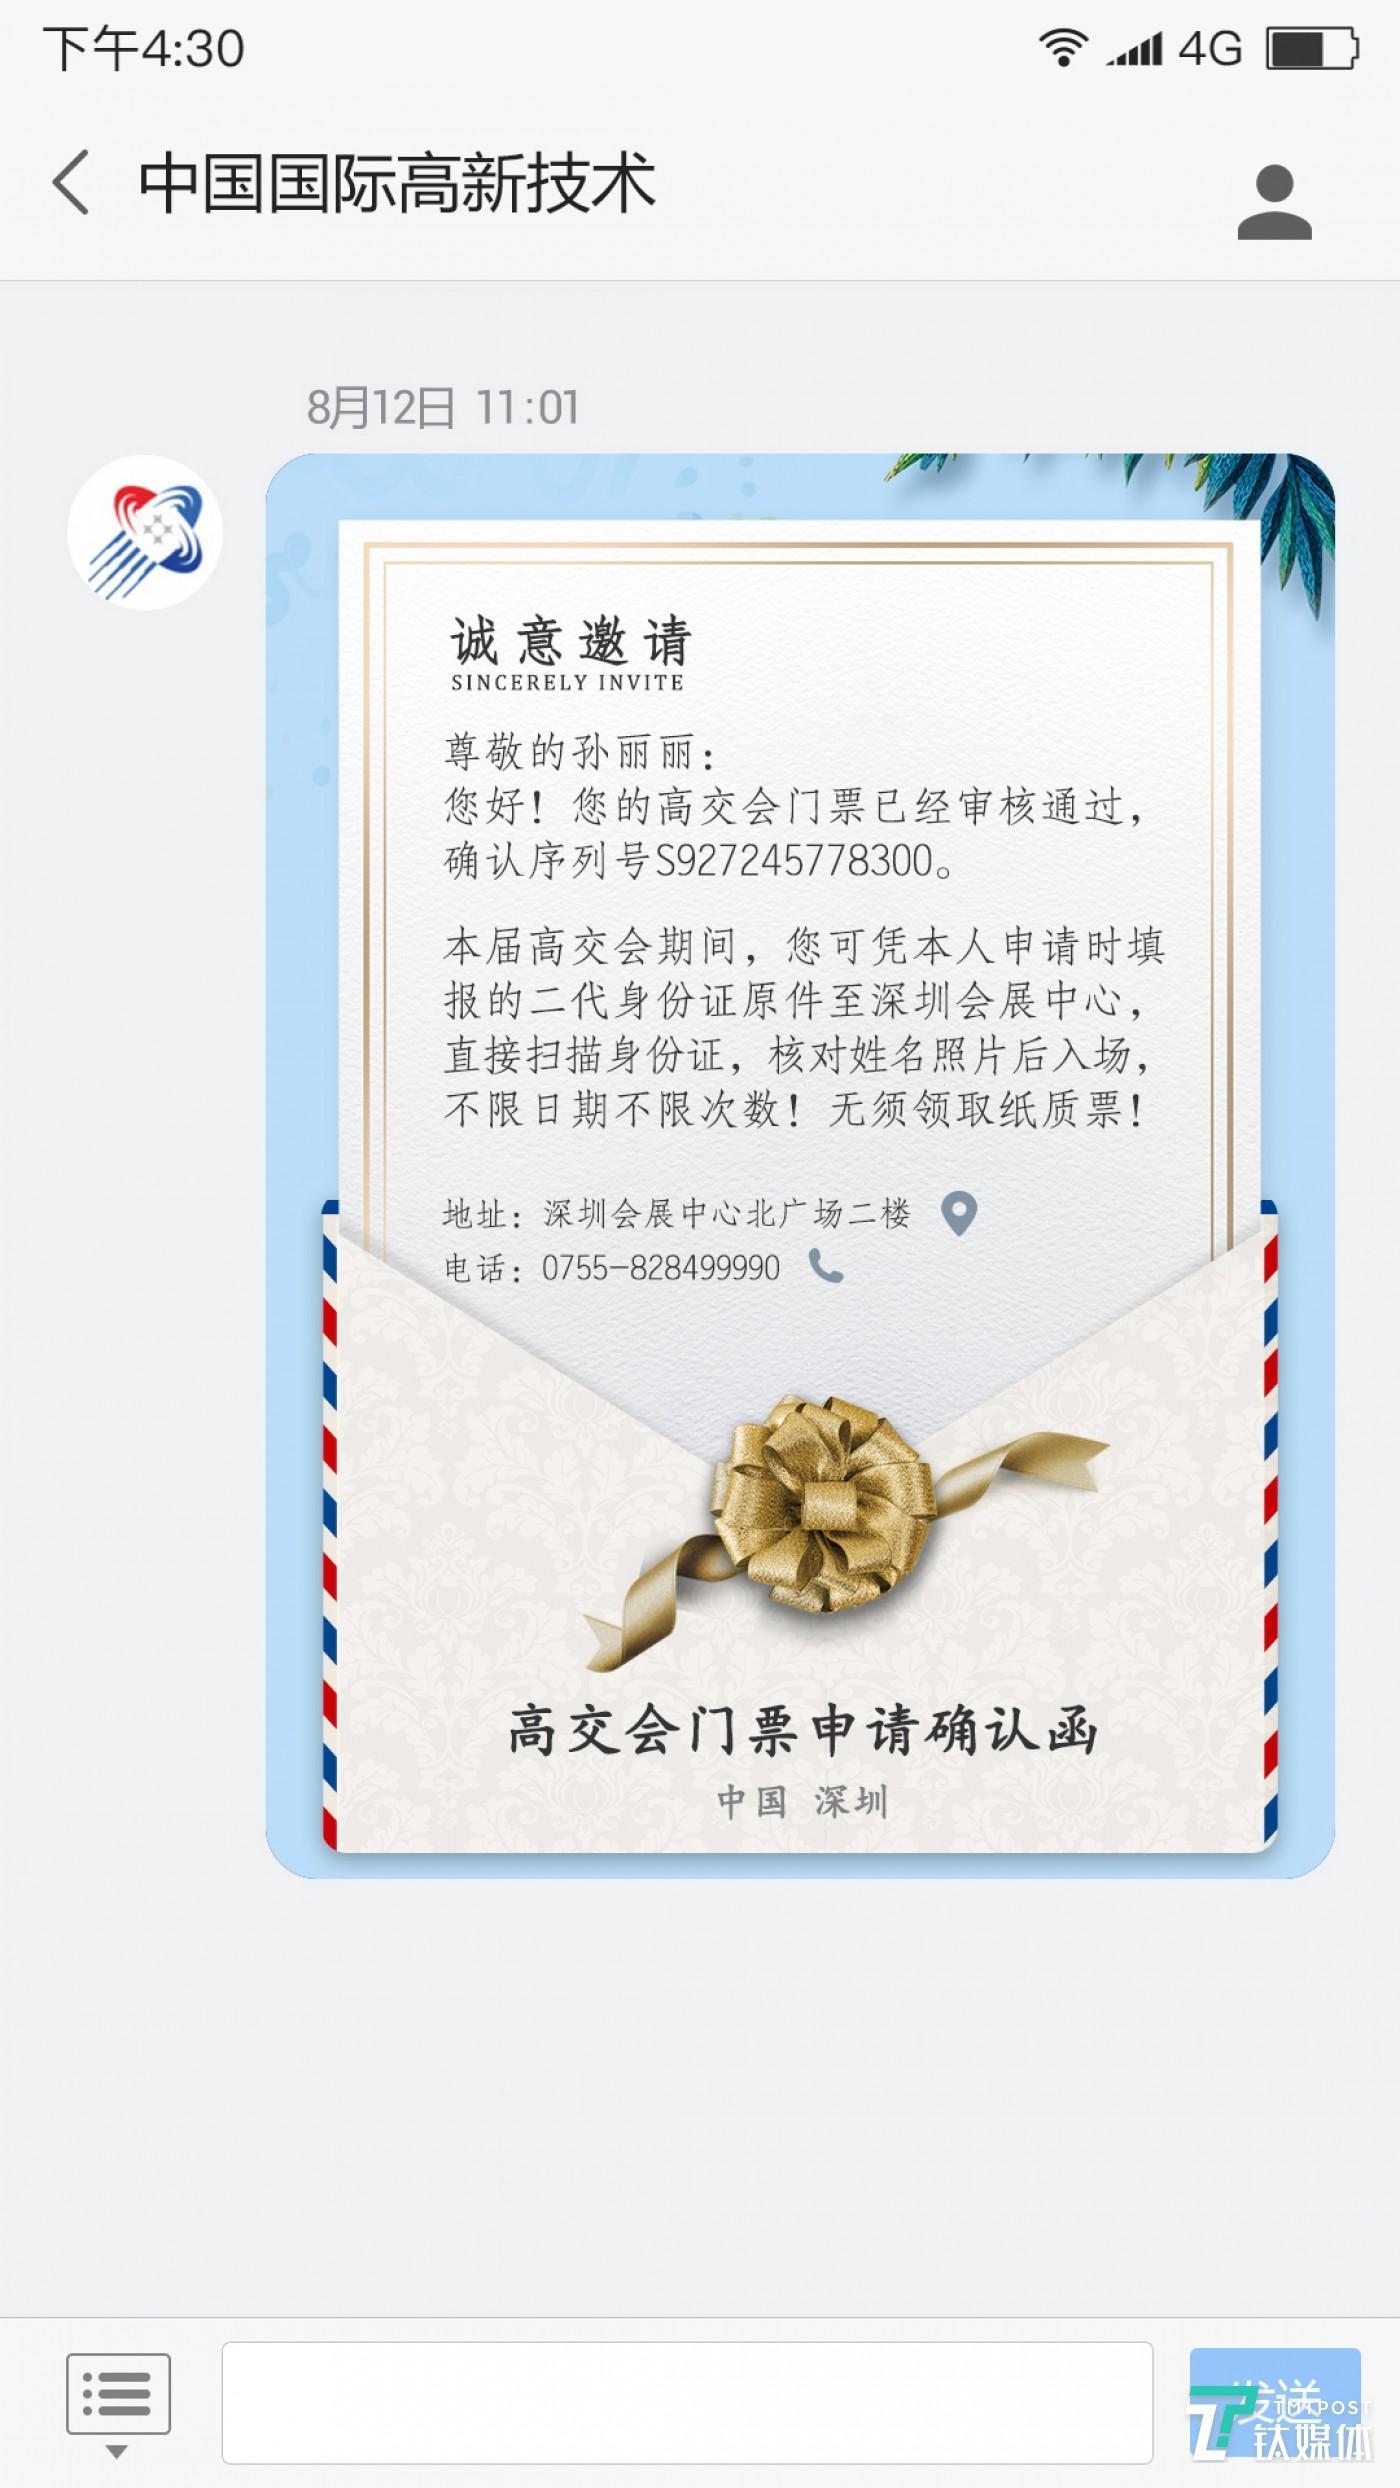 富信邀请函